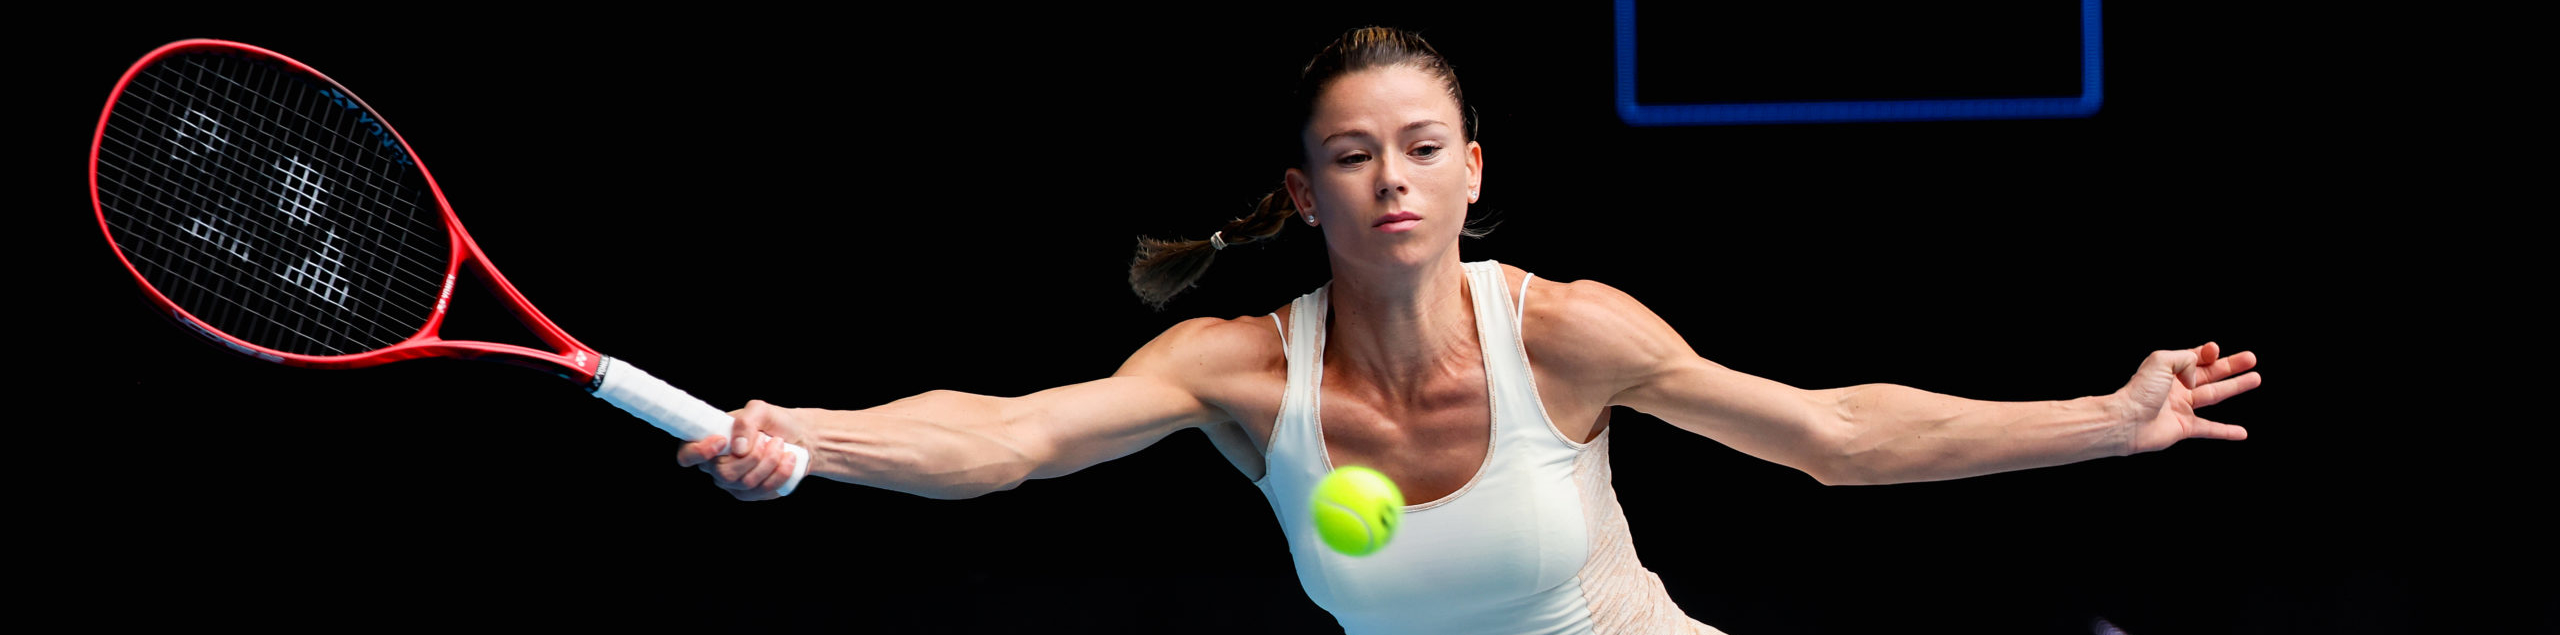 Pronostici Australian Open: riecco Giorgi e ostacolo Venus per Errani, 3 consigli per il day 3